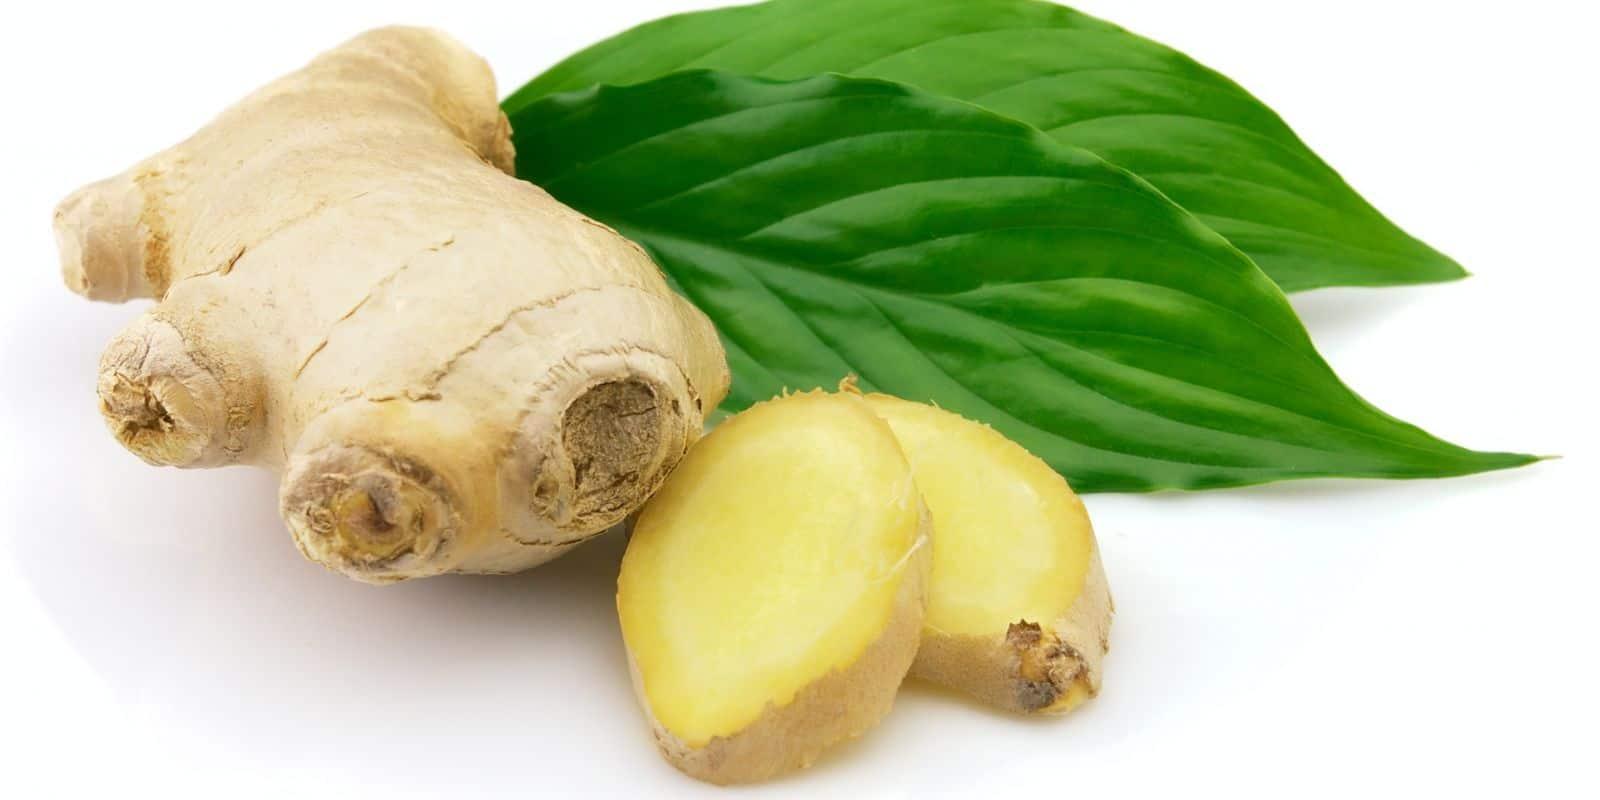 ginger(1)